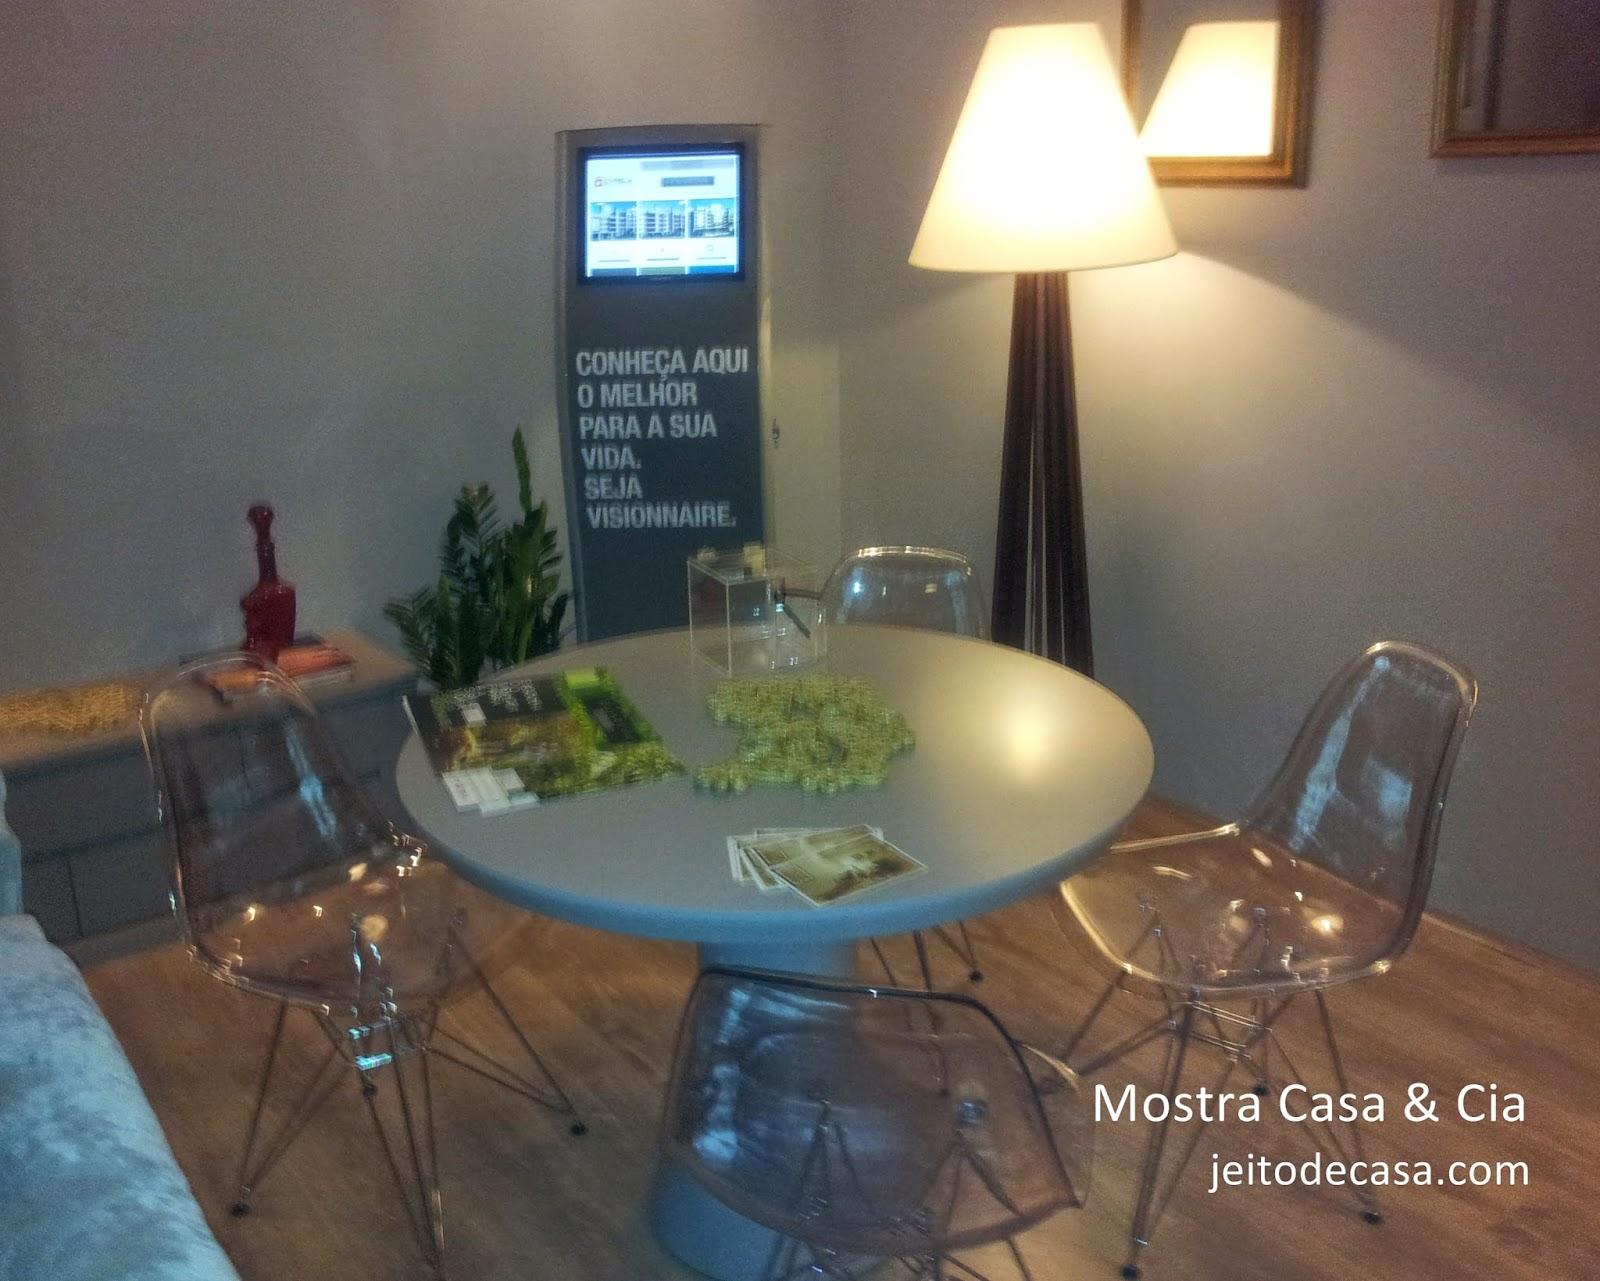 cadeiras eiffel transparentes e mesa redonda